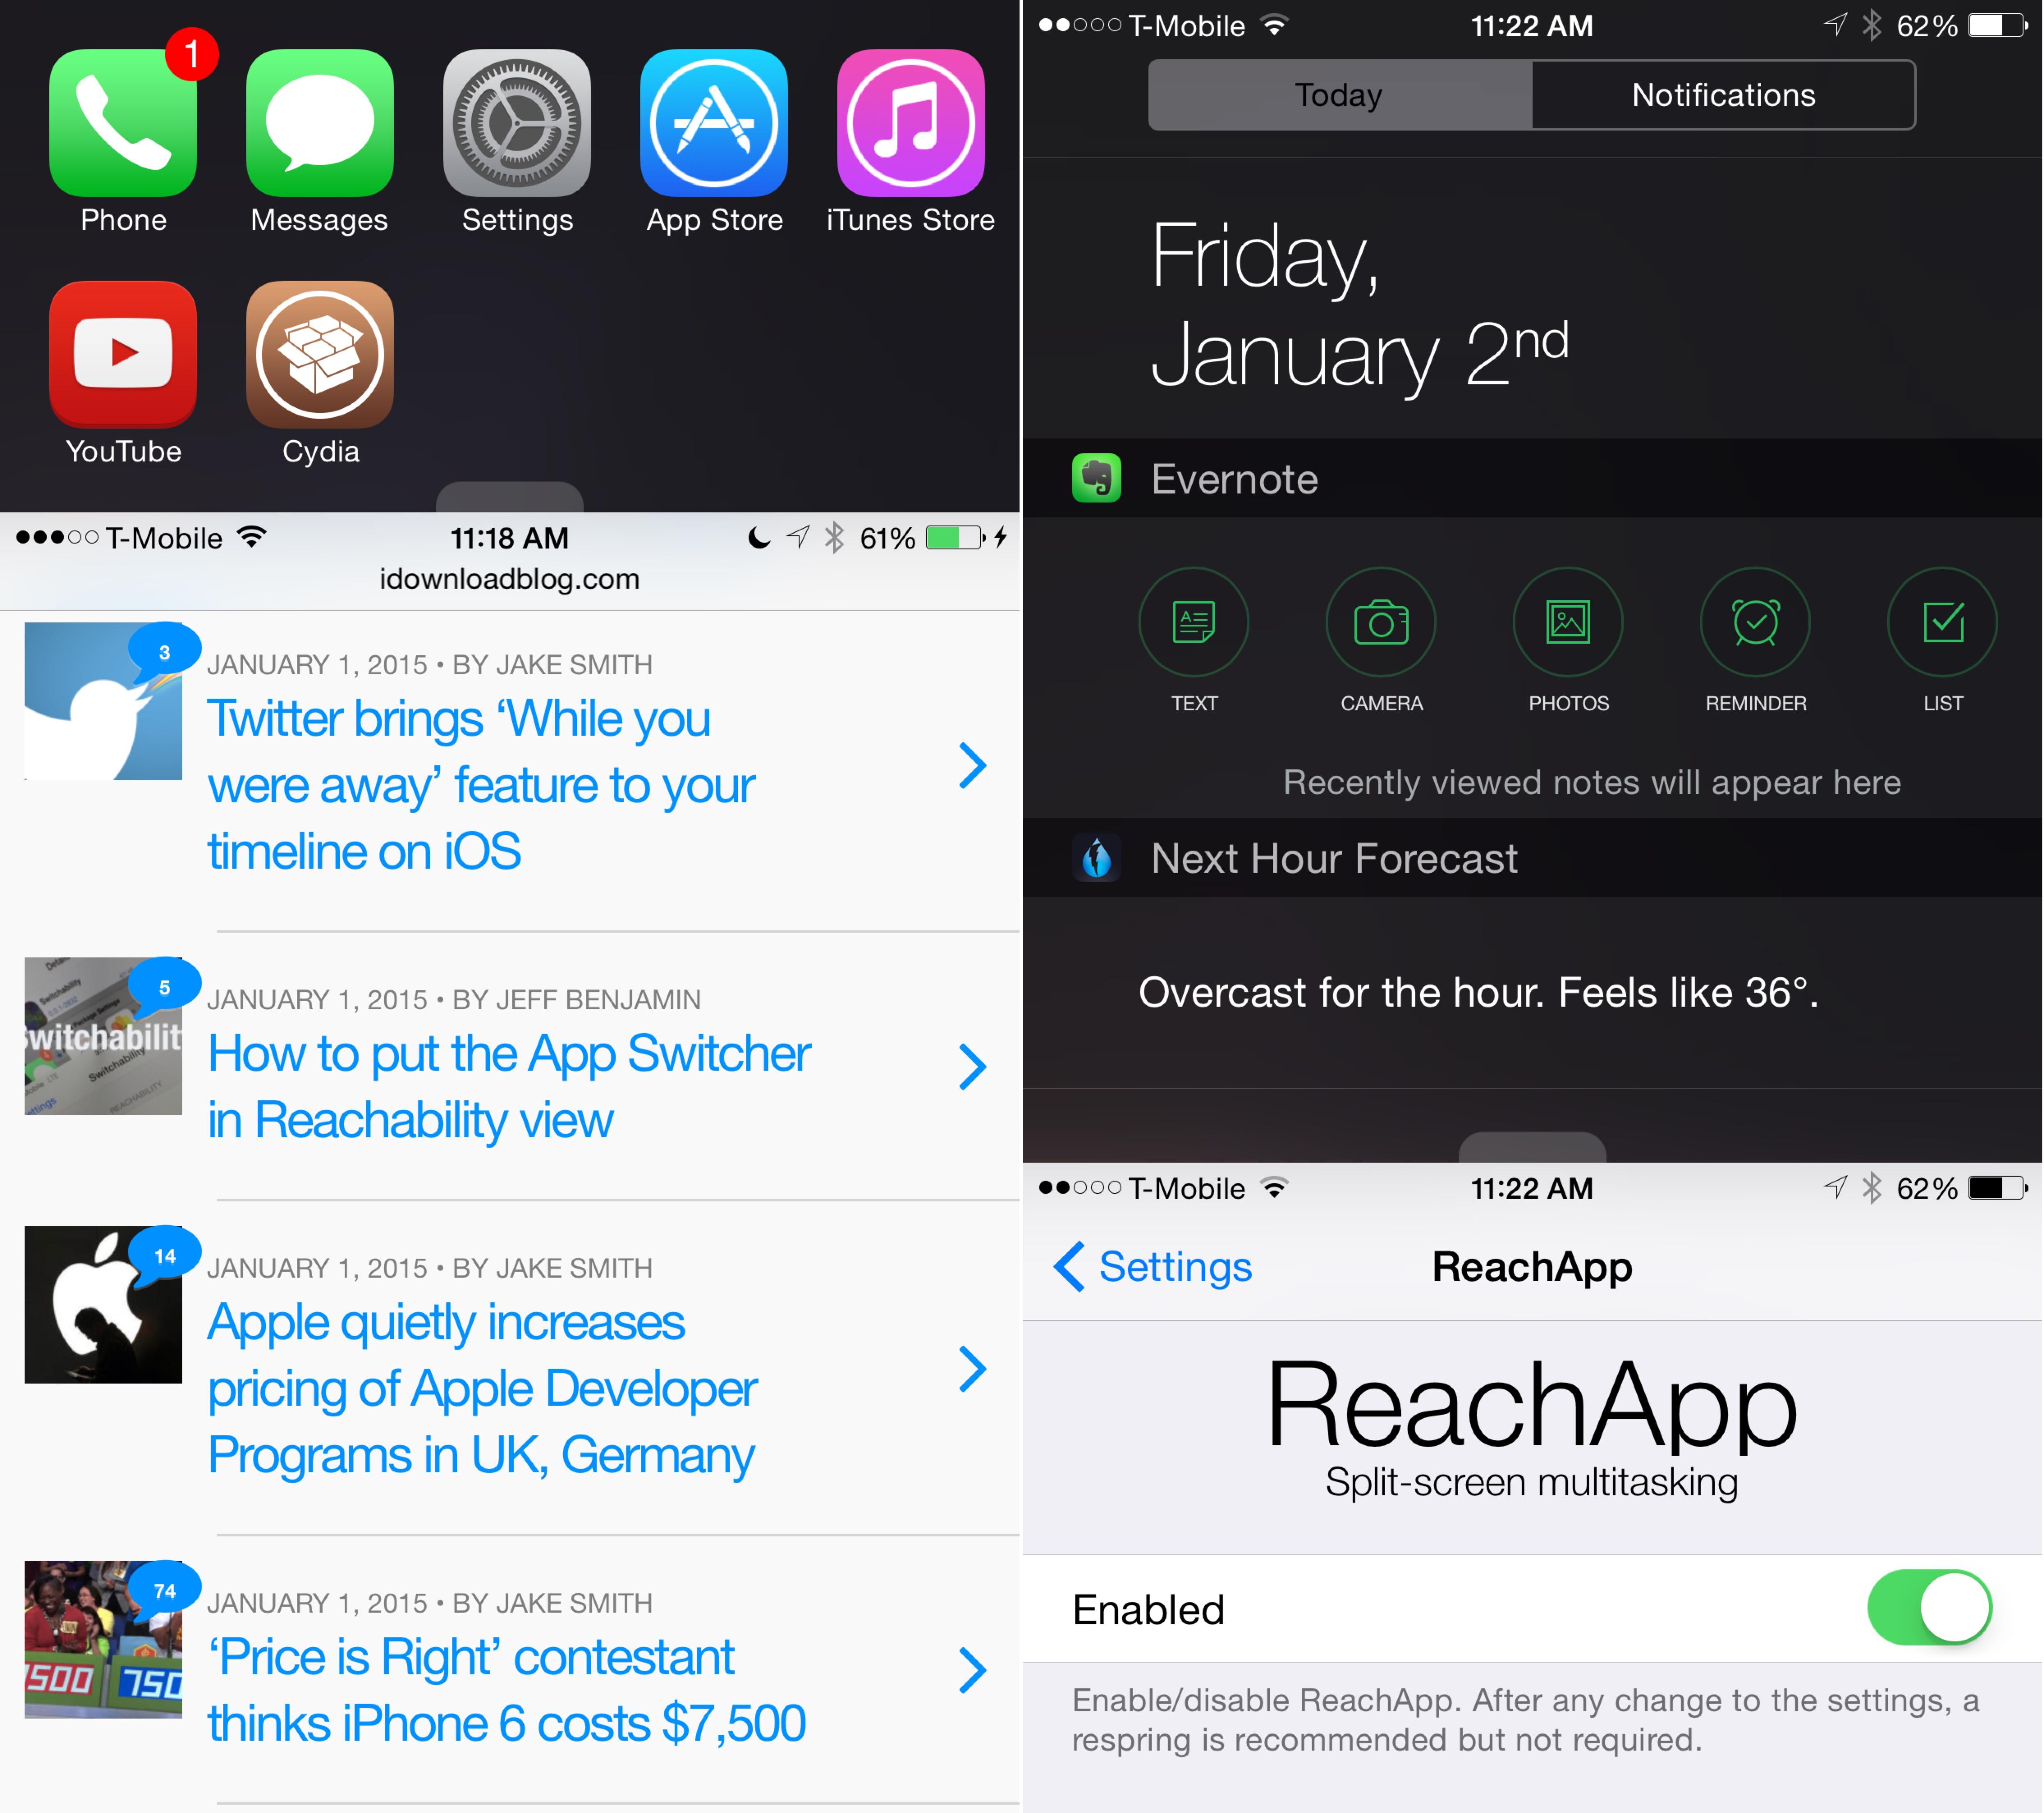 ReachApp 0.0.1-649